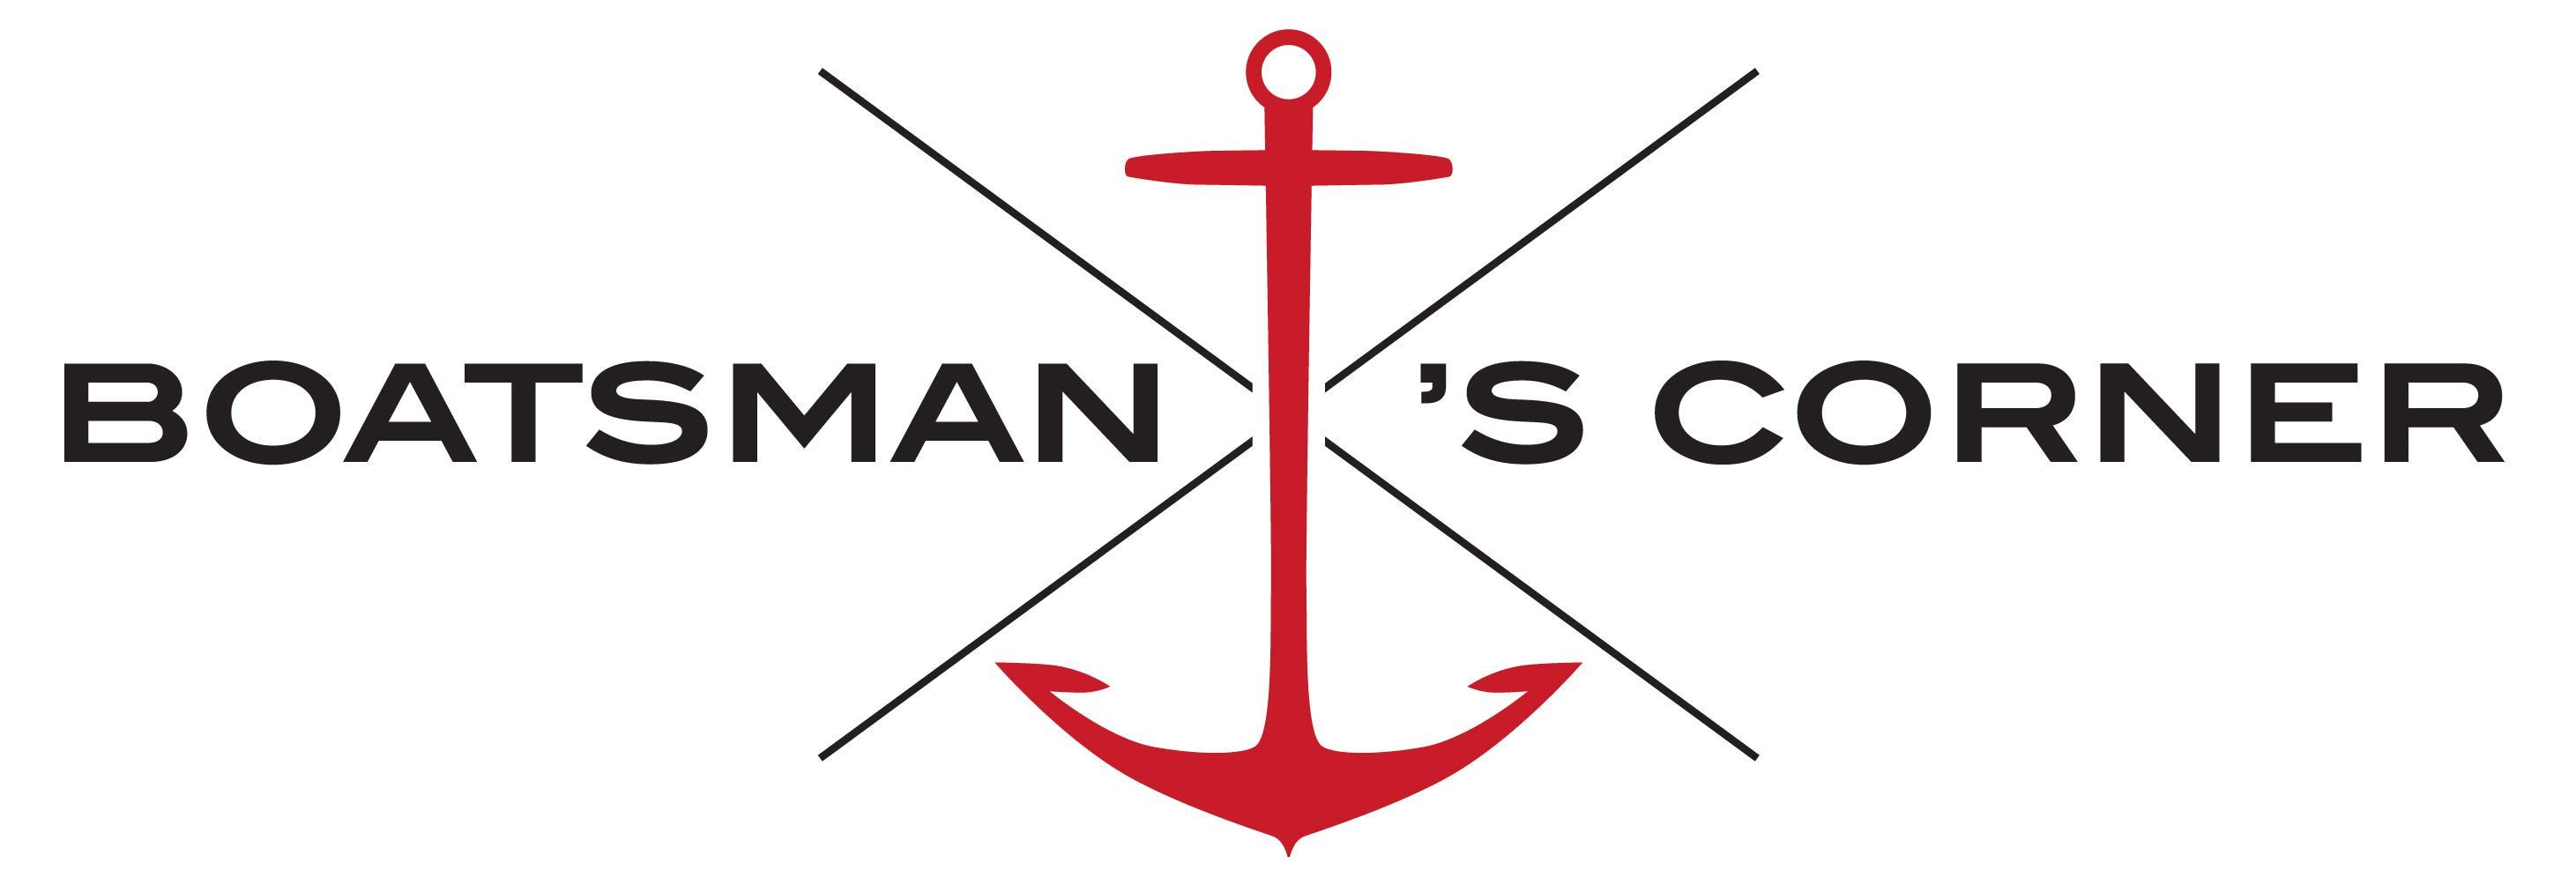 Bildergebnis für boatsman corner